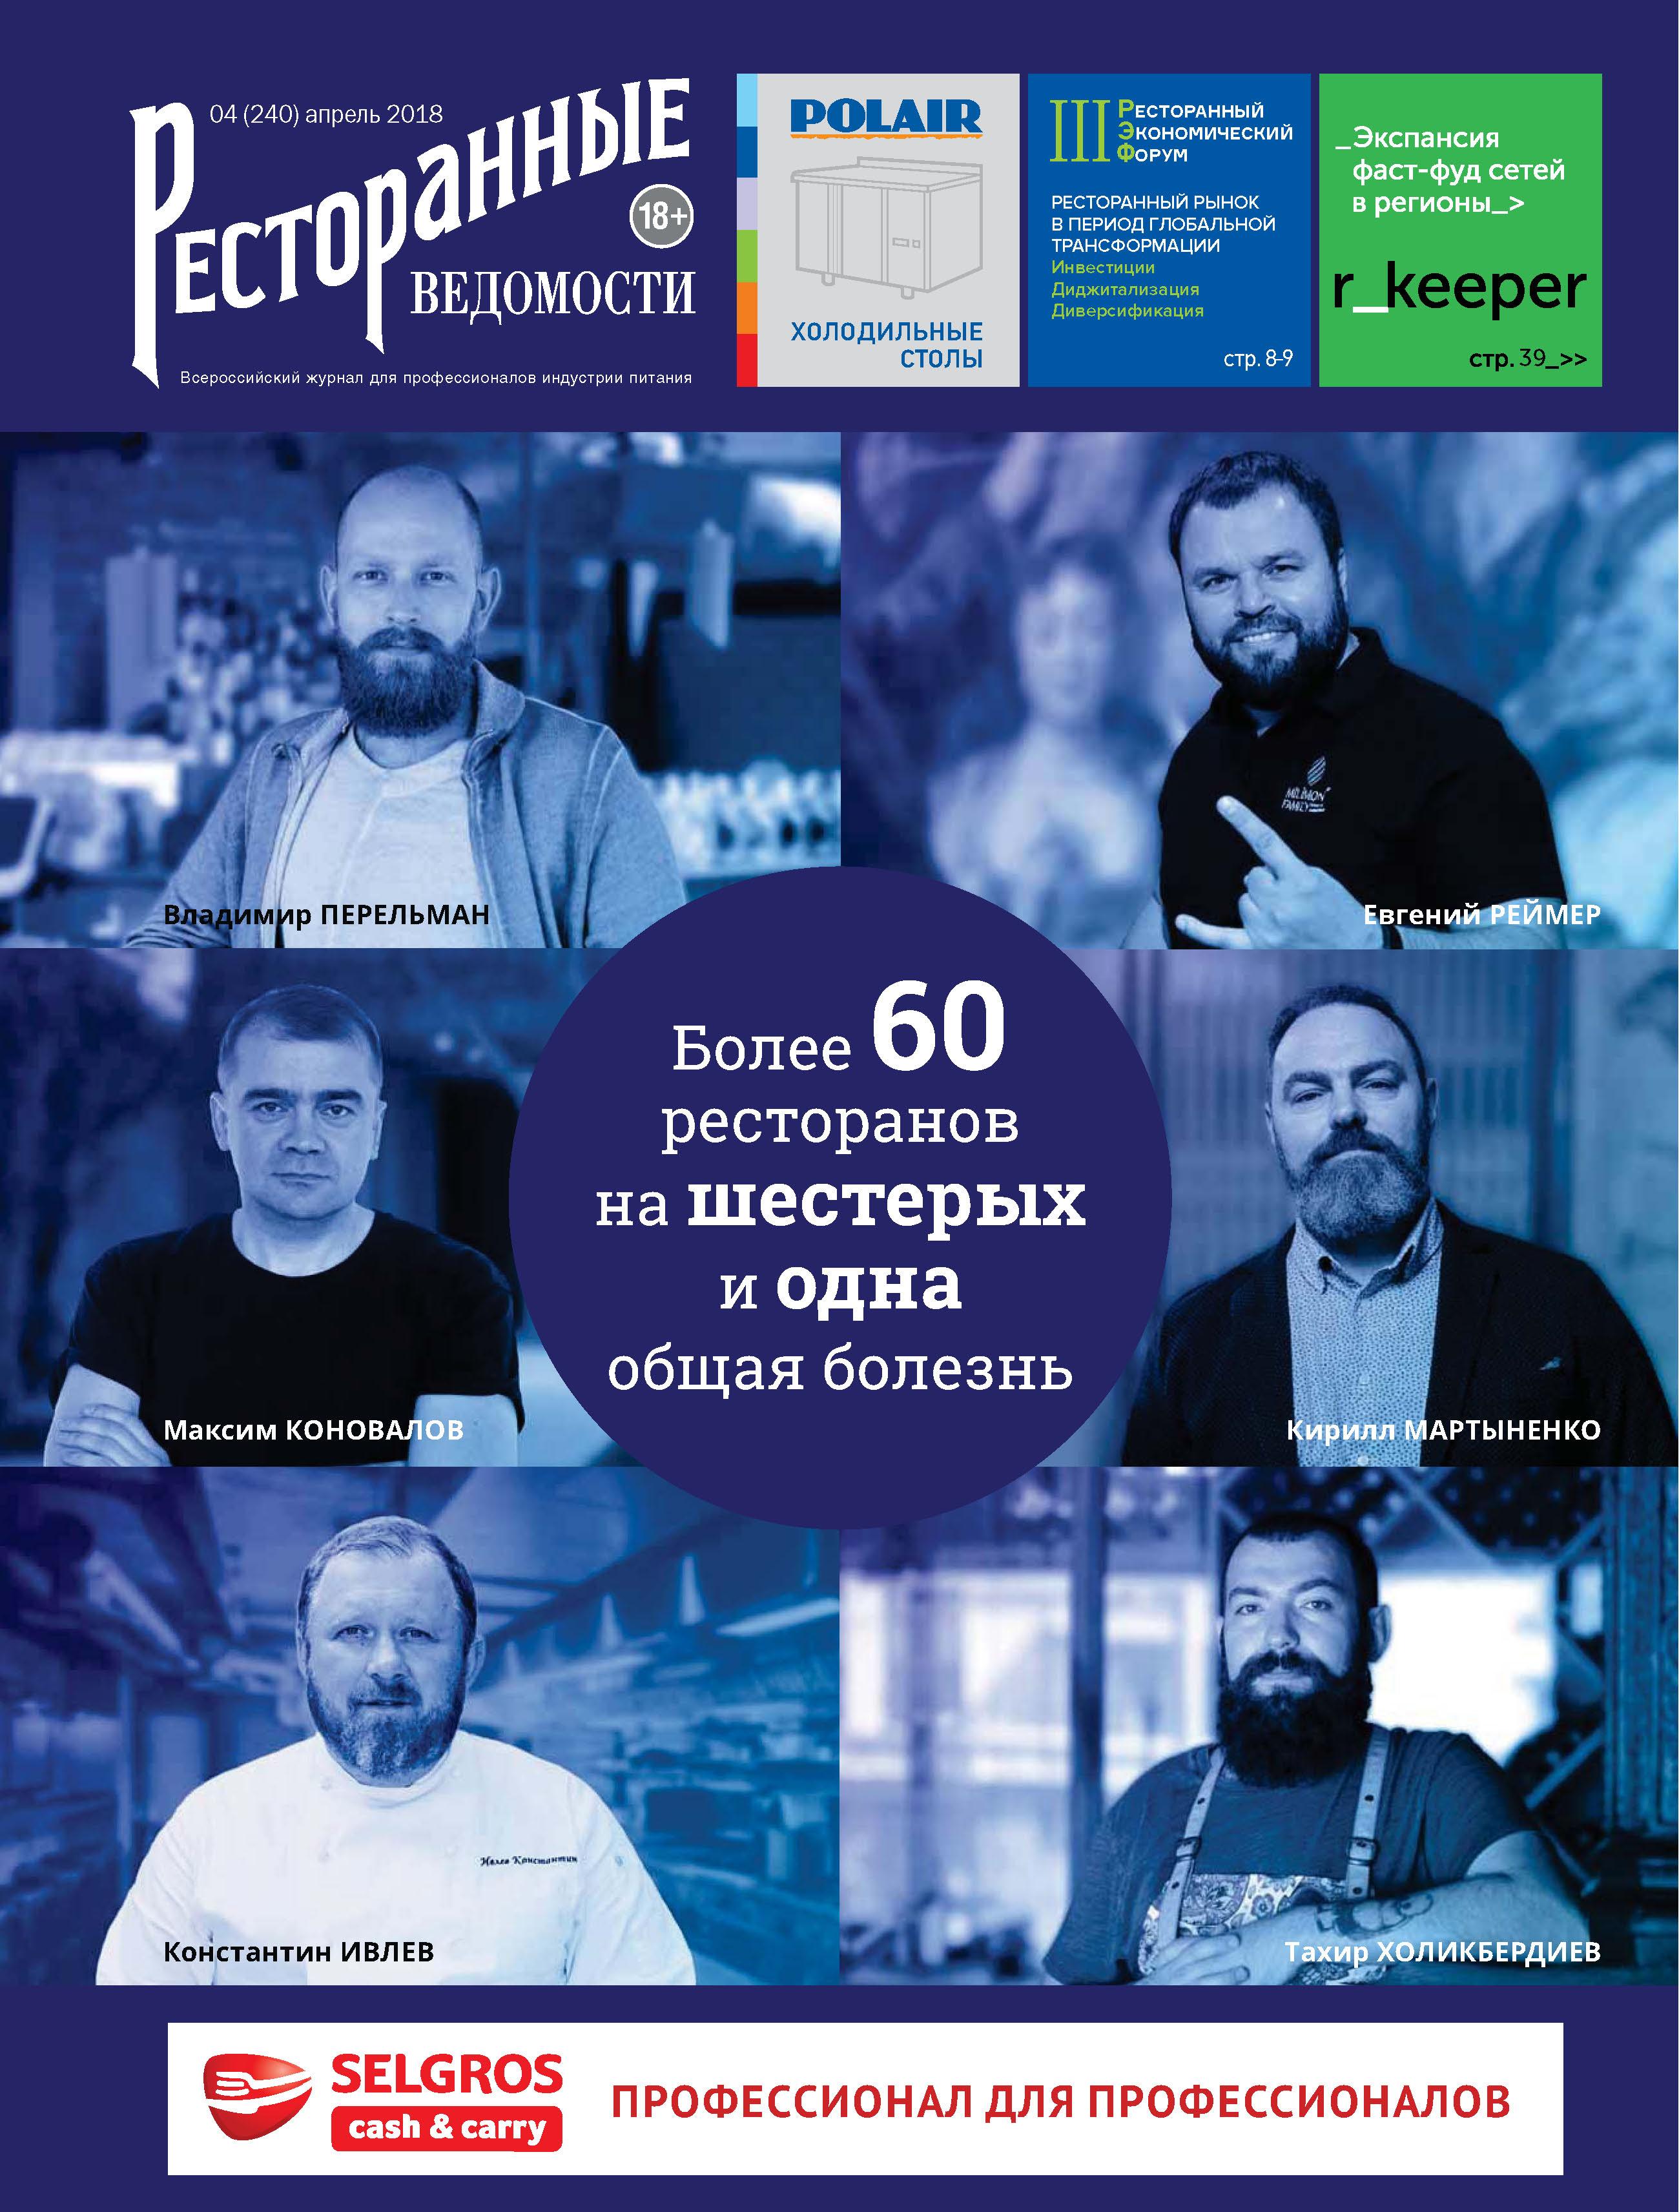 Ресторанные ведомости №04/2018